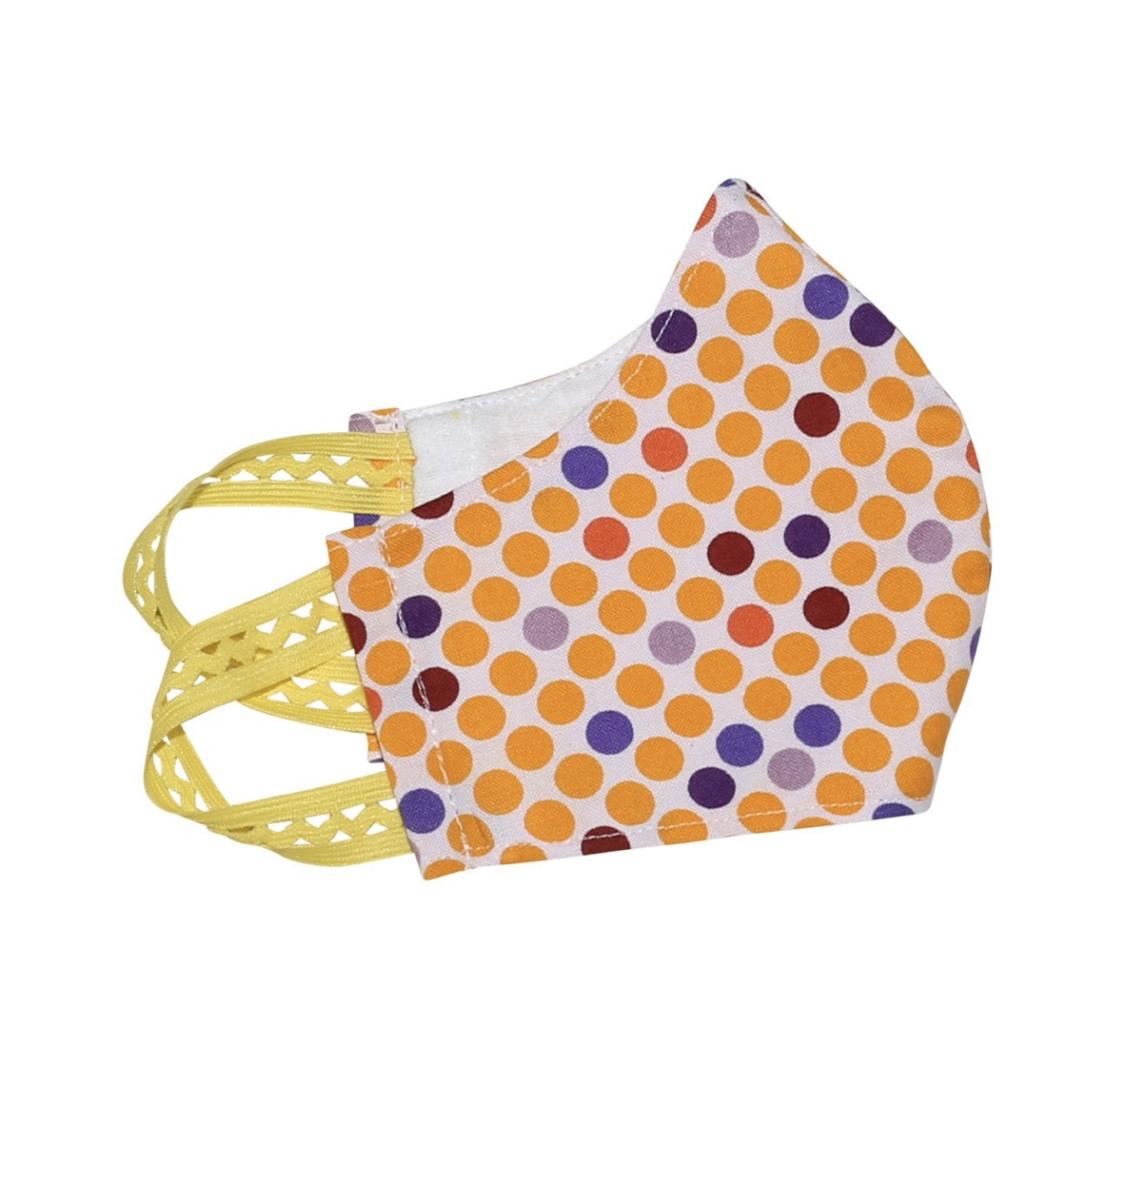 Kinder-Mund-Nasen-Maske - Punkte-Gelb